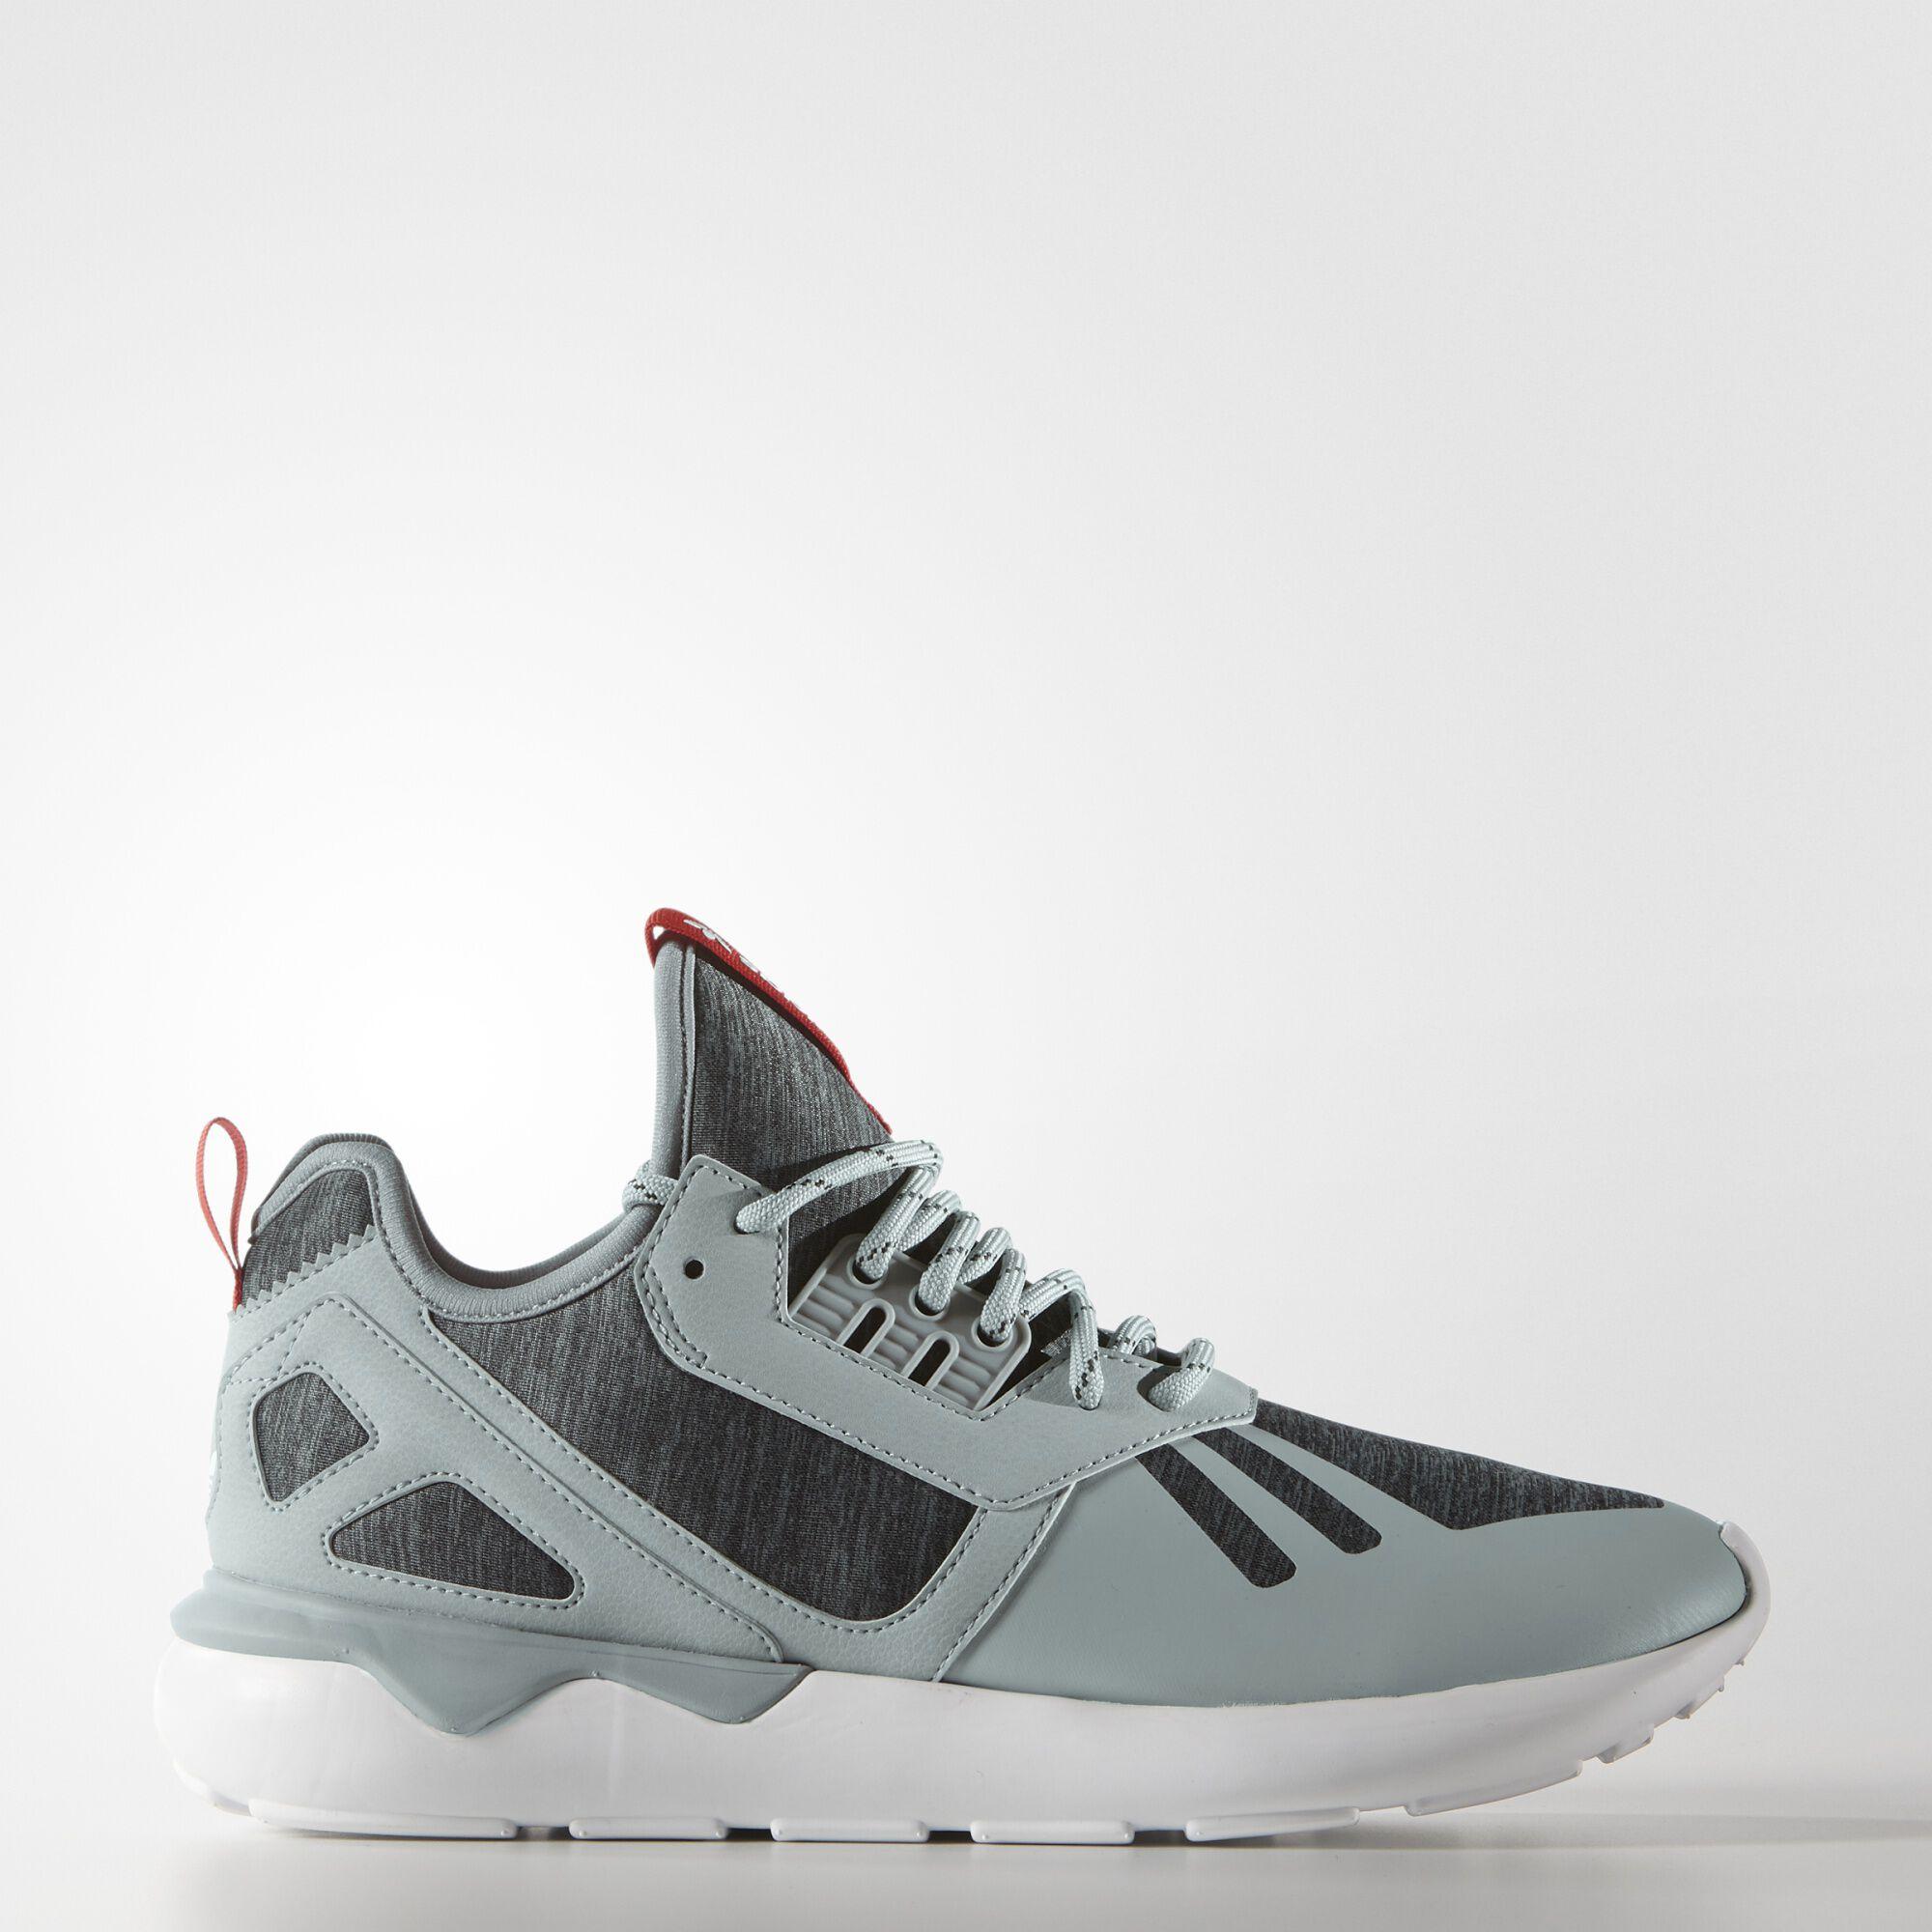 Adidas y el diseño enérgico: Tubular Runner Weave